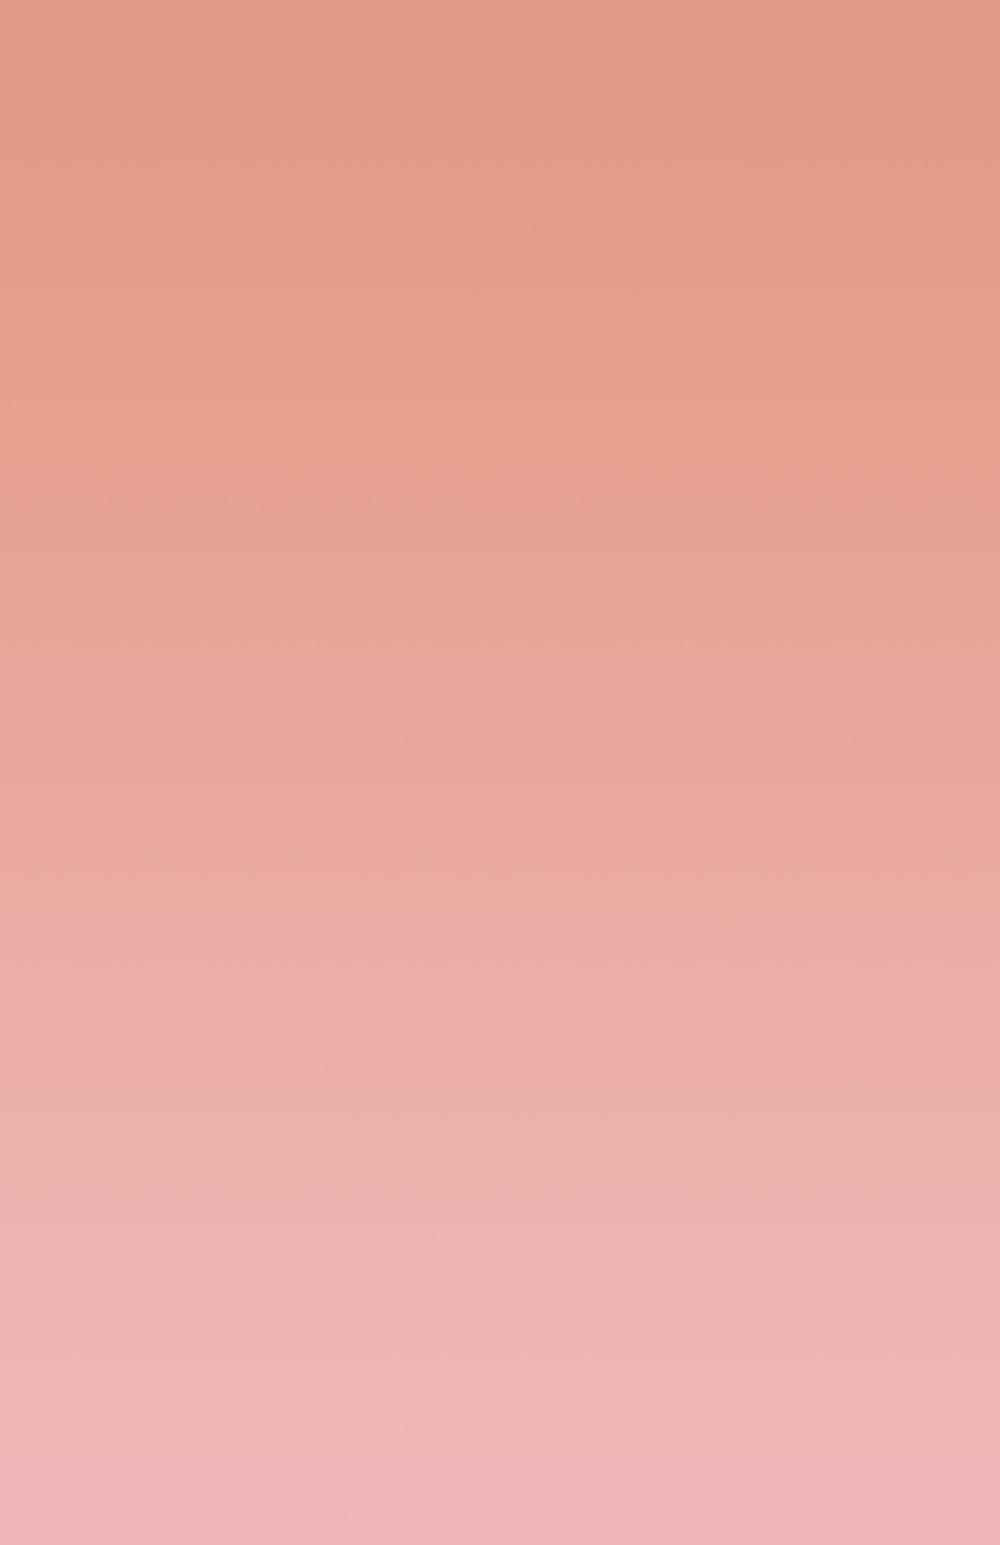 misc_gradient.jpg